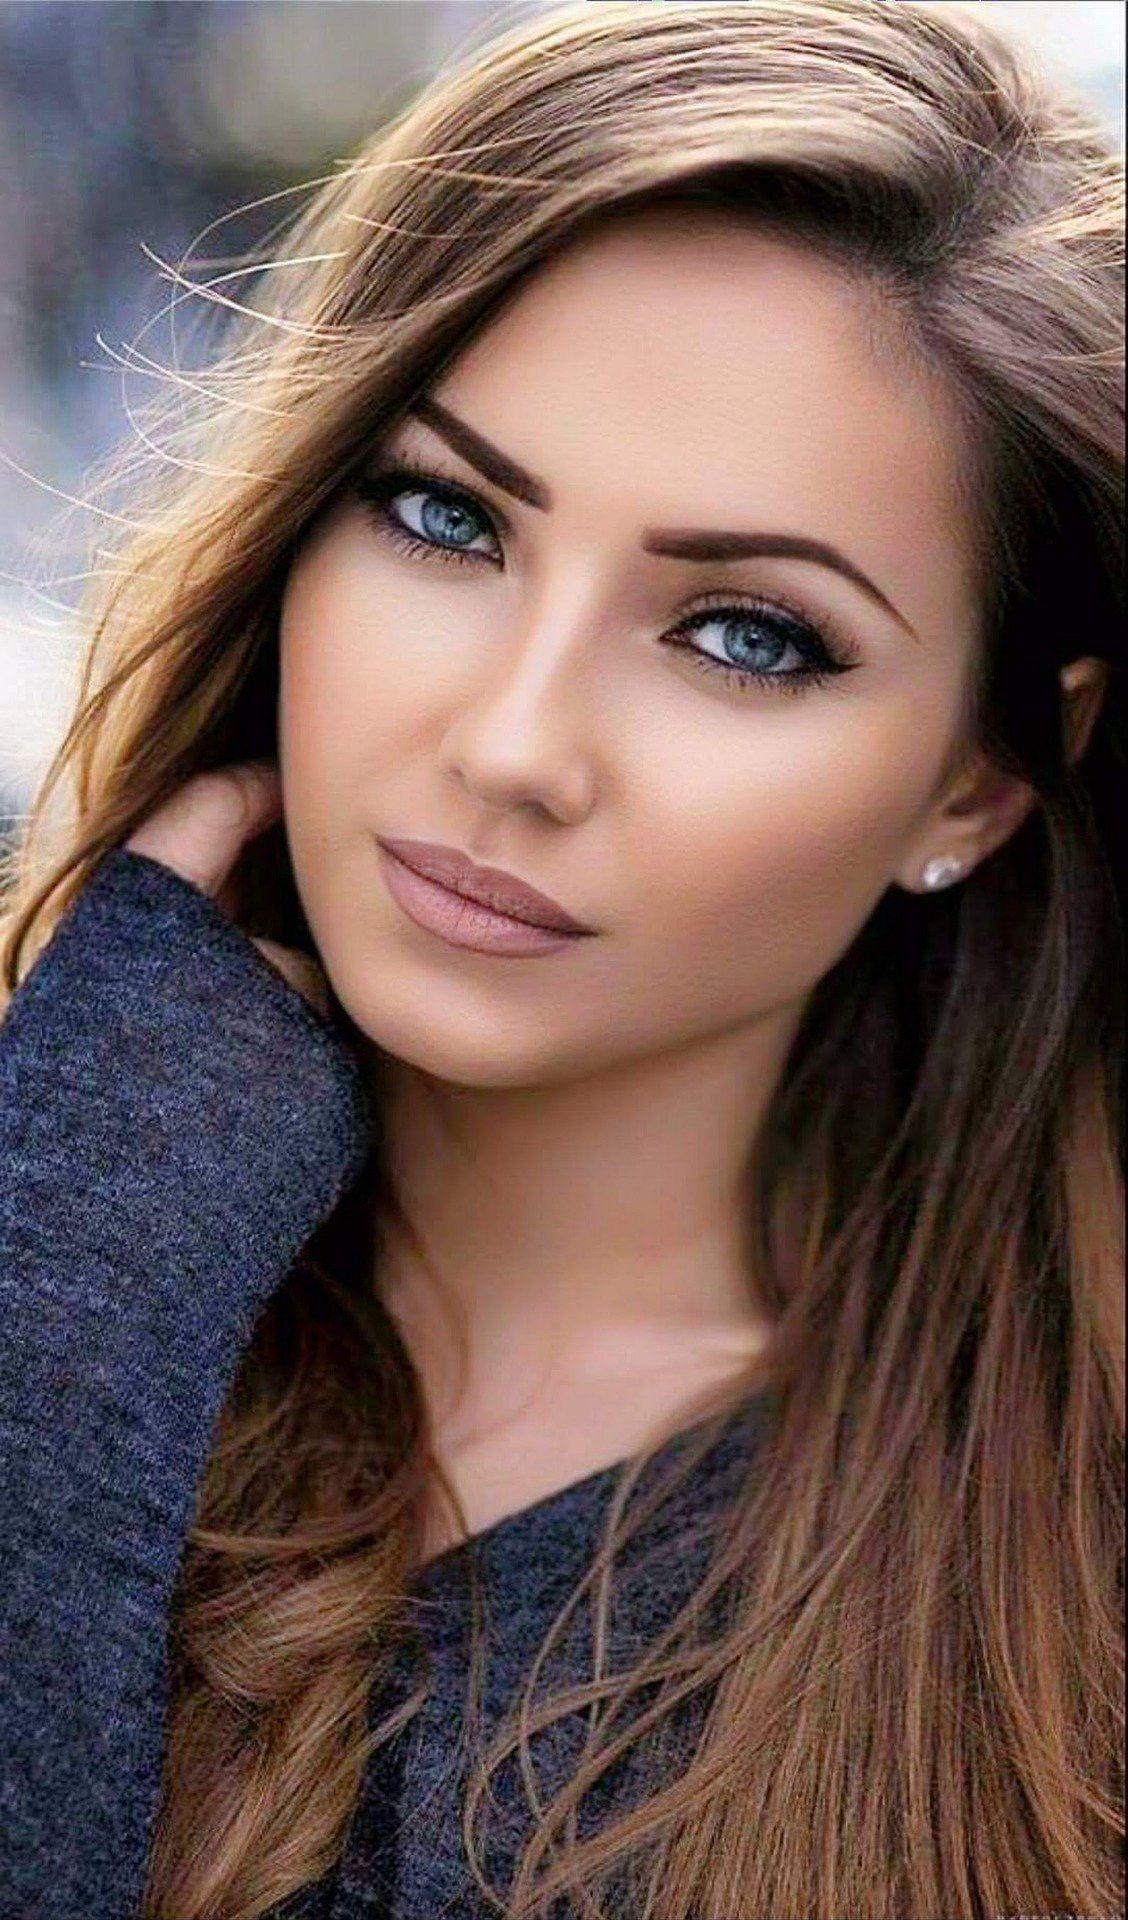 Pin by John McD on Beautiful women in 2019   Beautiful ...